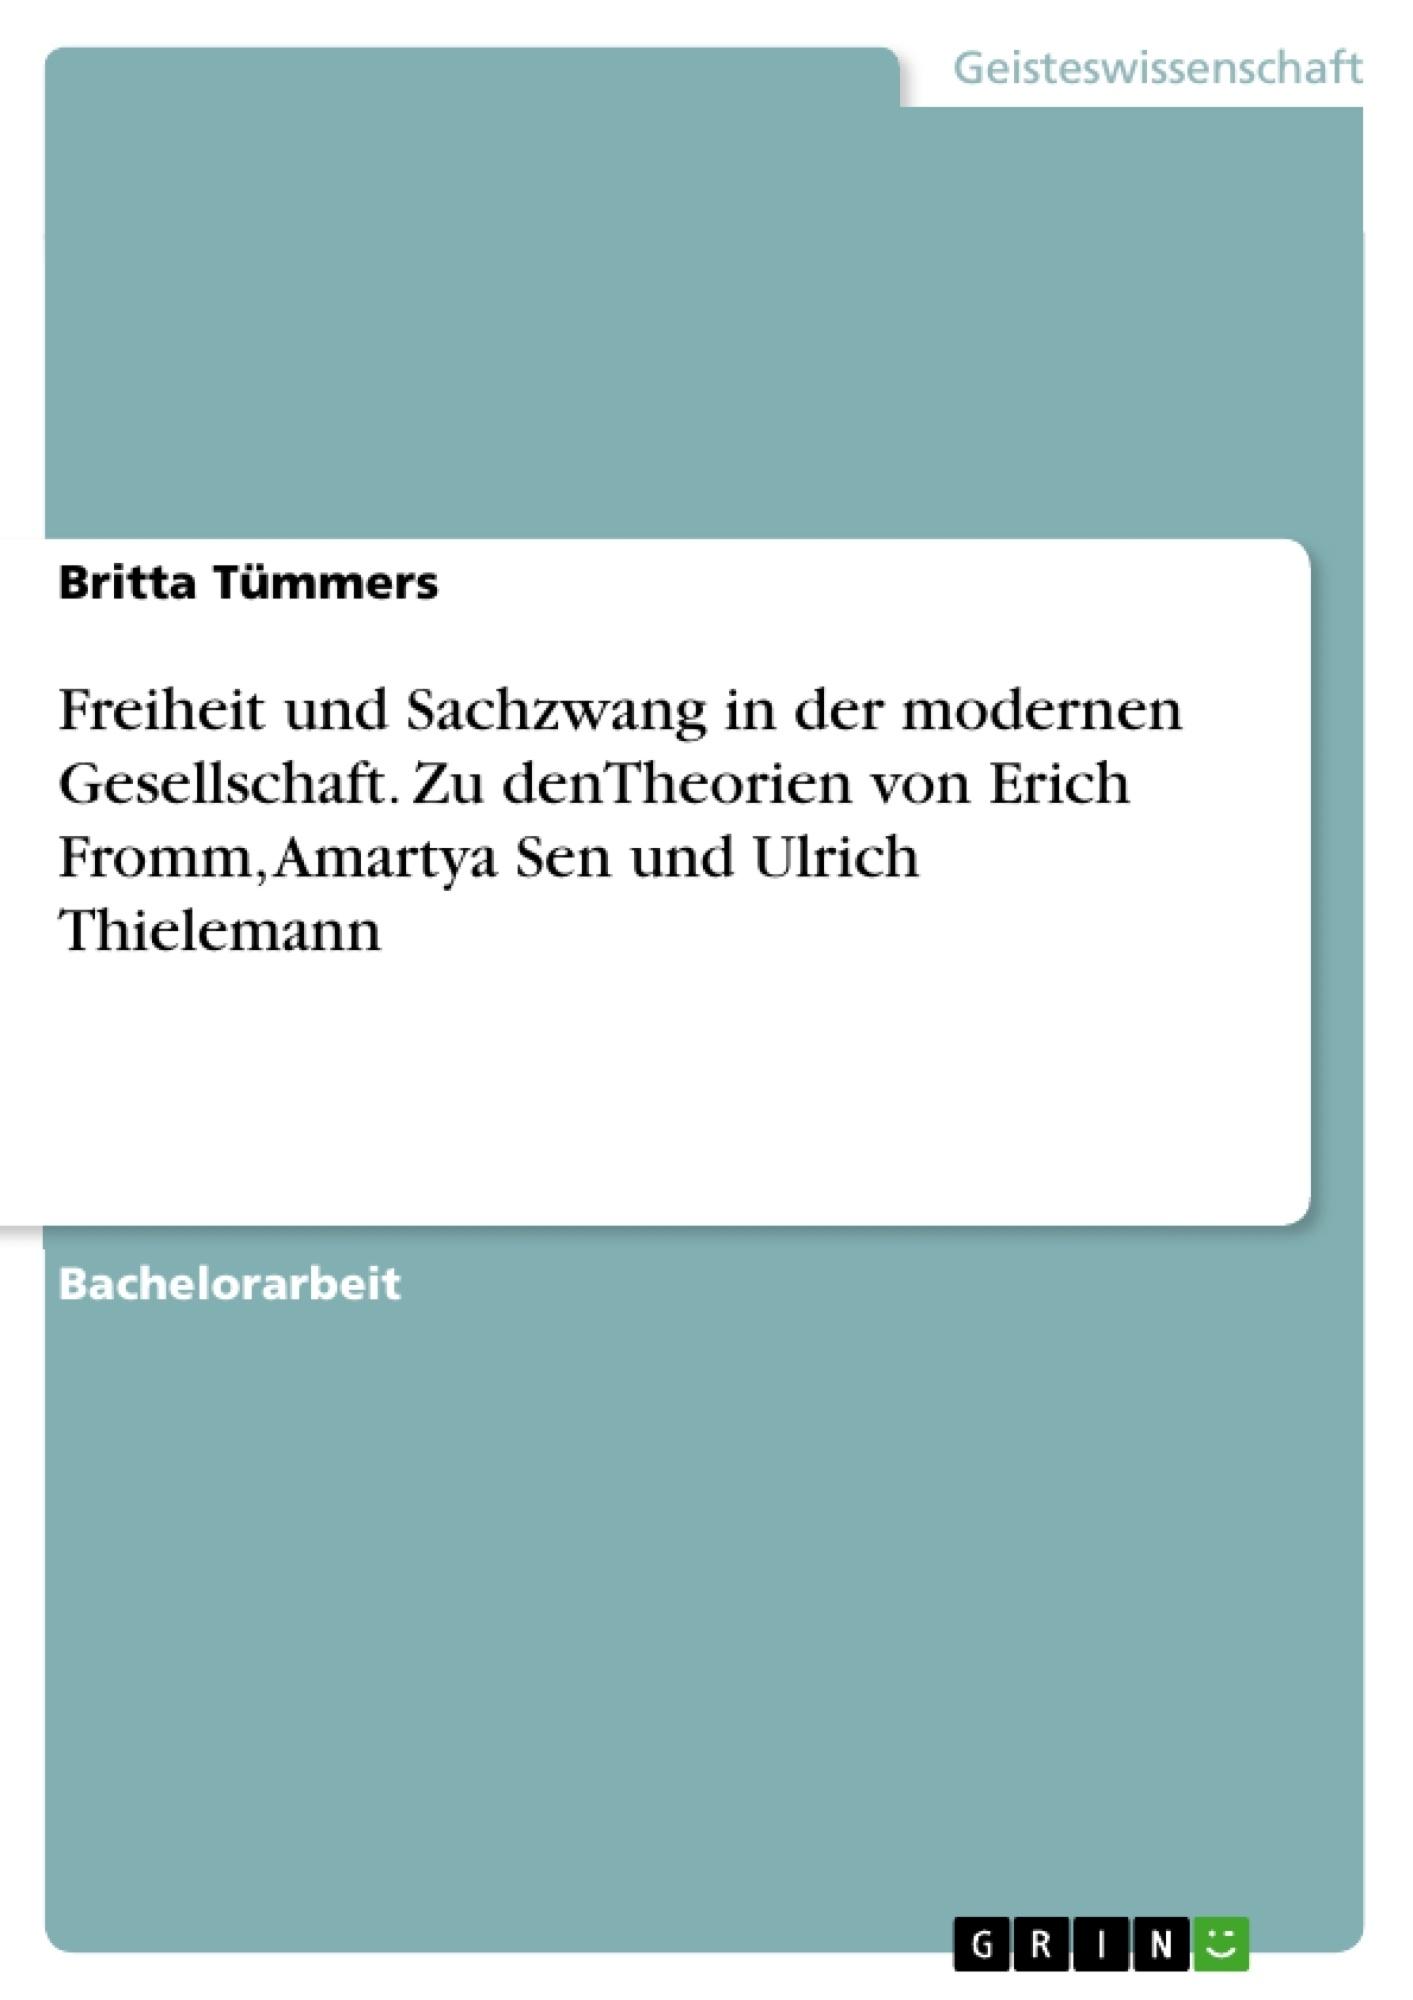 Titel: Freiheit und Sachzwang in der modernen Gesellschaft. Zu denTheorien von Erich Fromm, Amartya Sen und Ulrich Thielemann